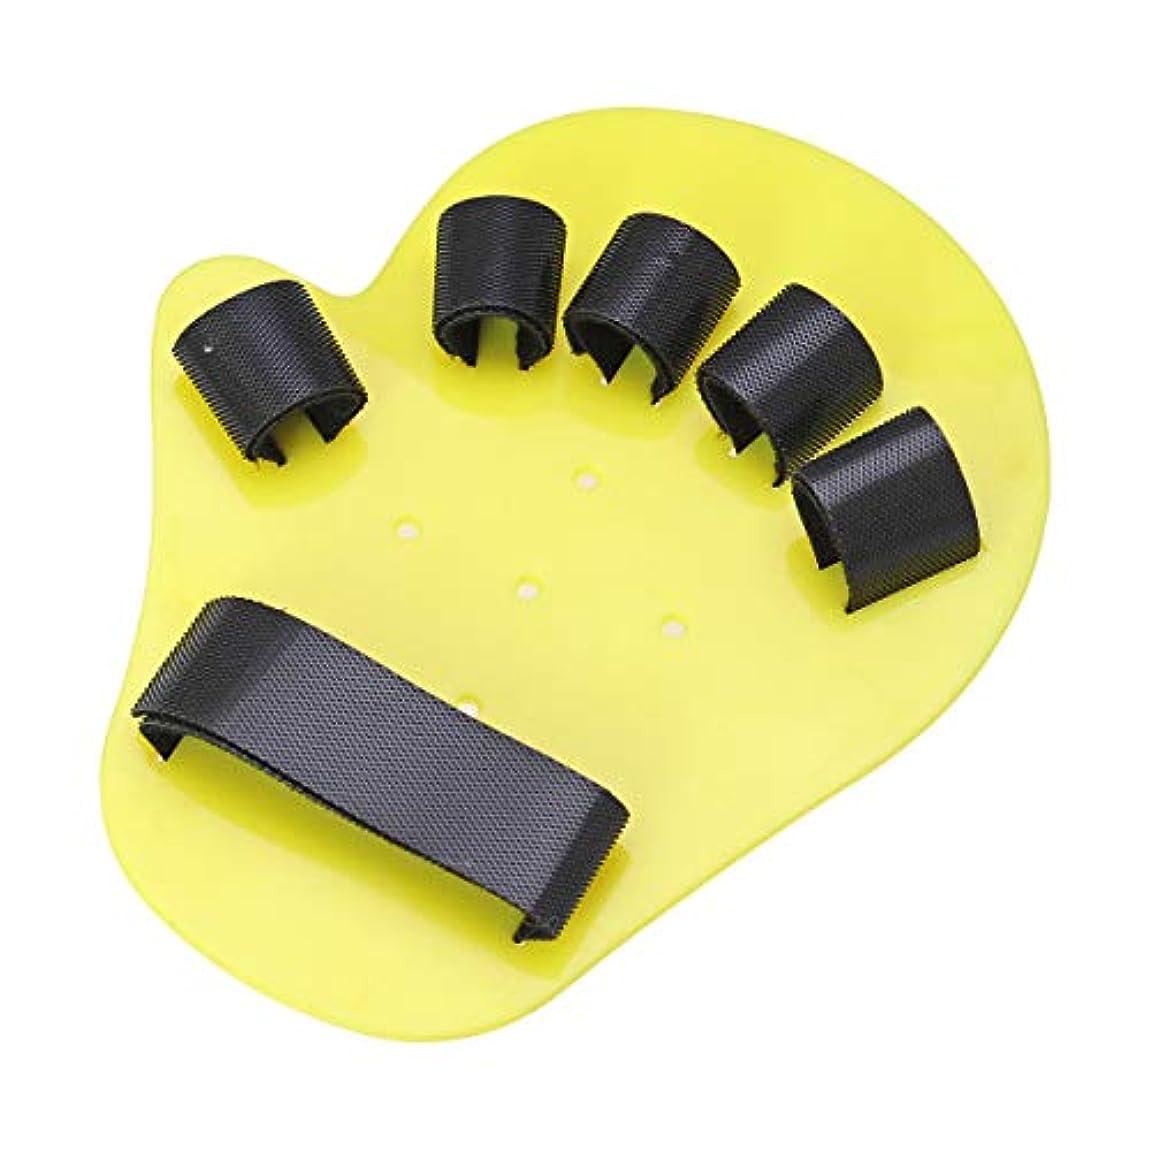 旅行アラブ粘土SUPVOX 指の装具キッズ指トレーニングボード指副木指用脳卒中片麻痺5-10年